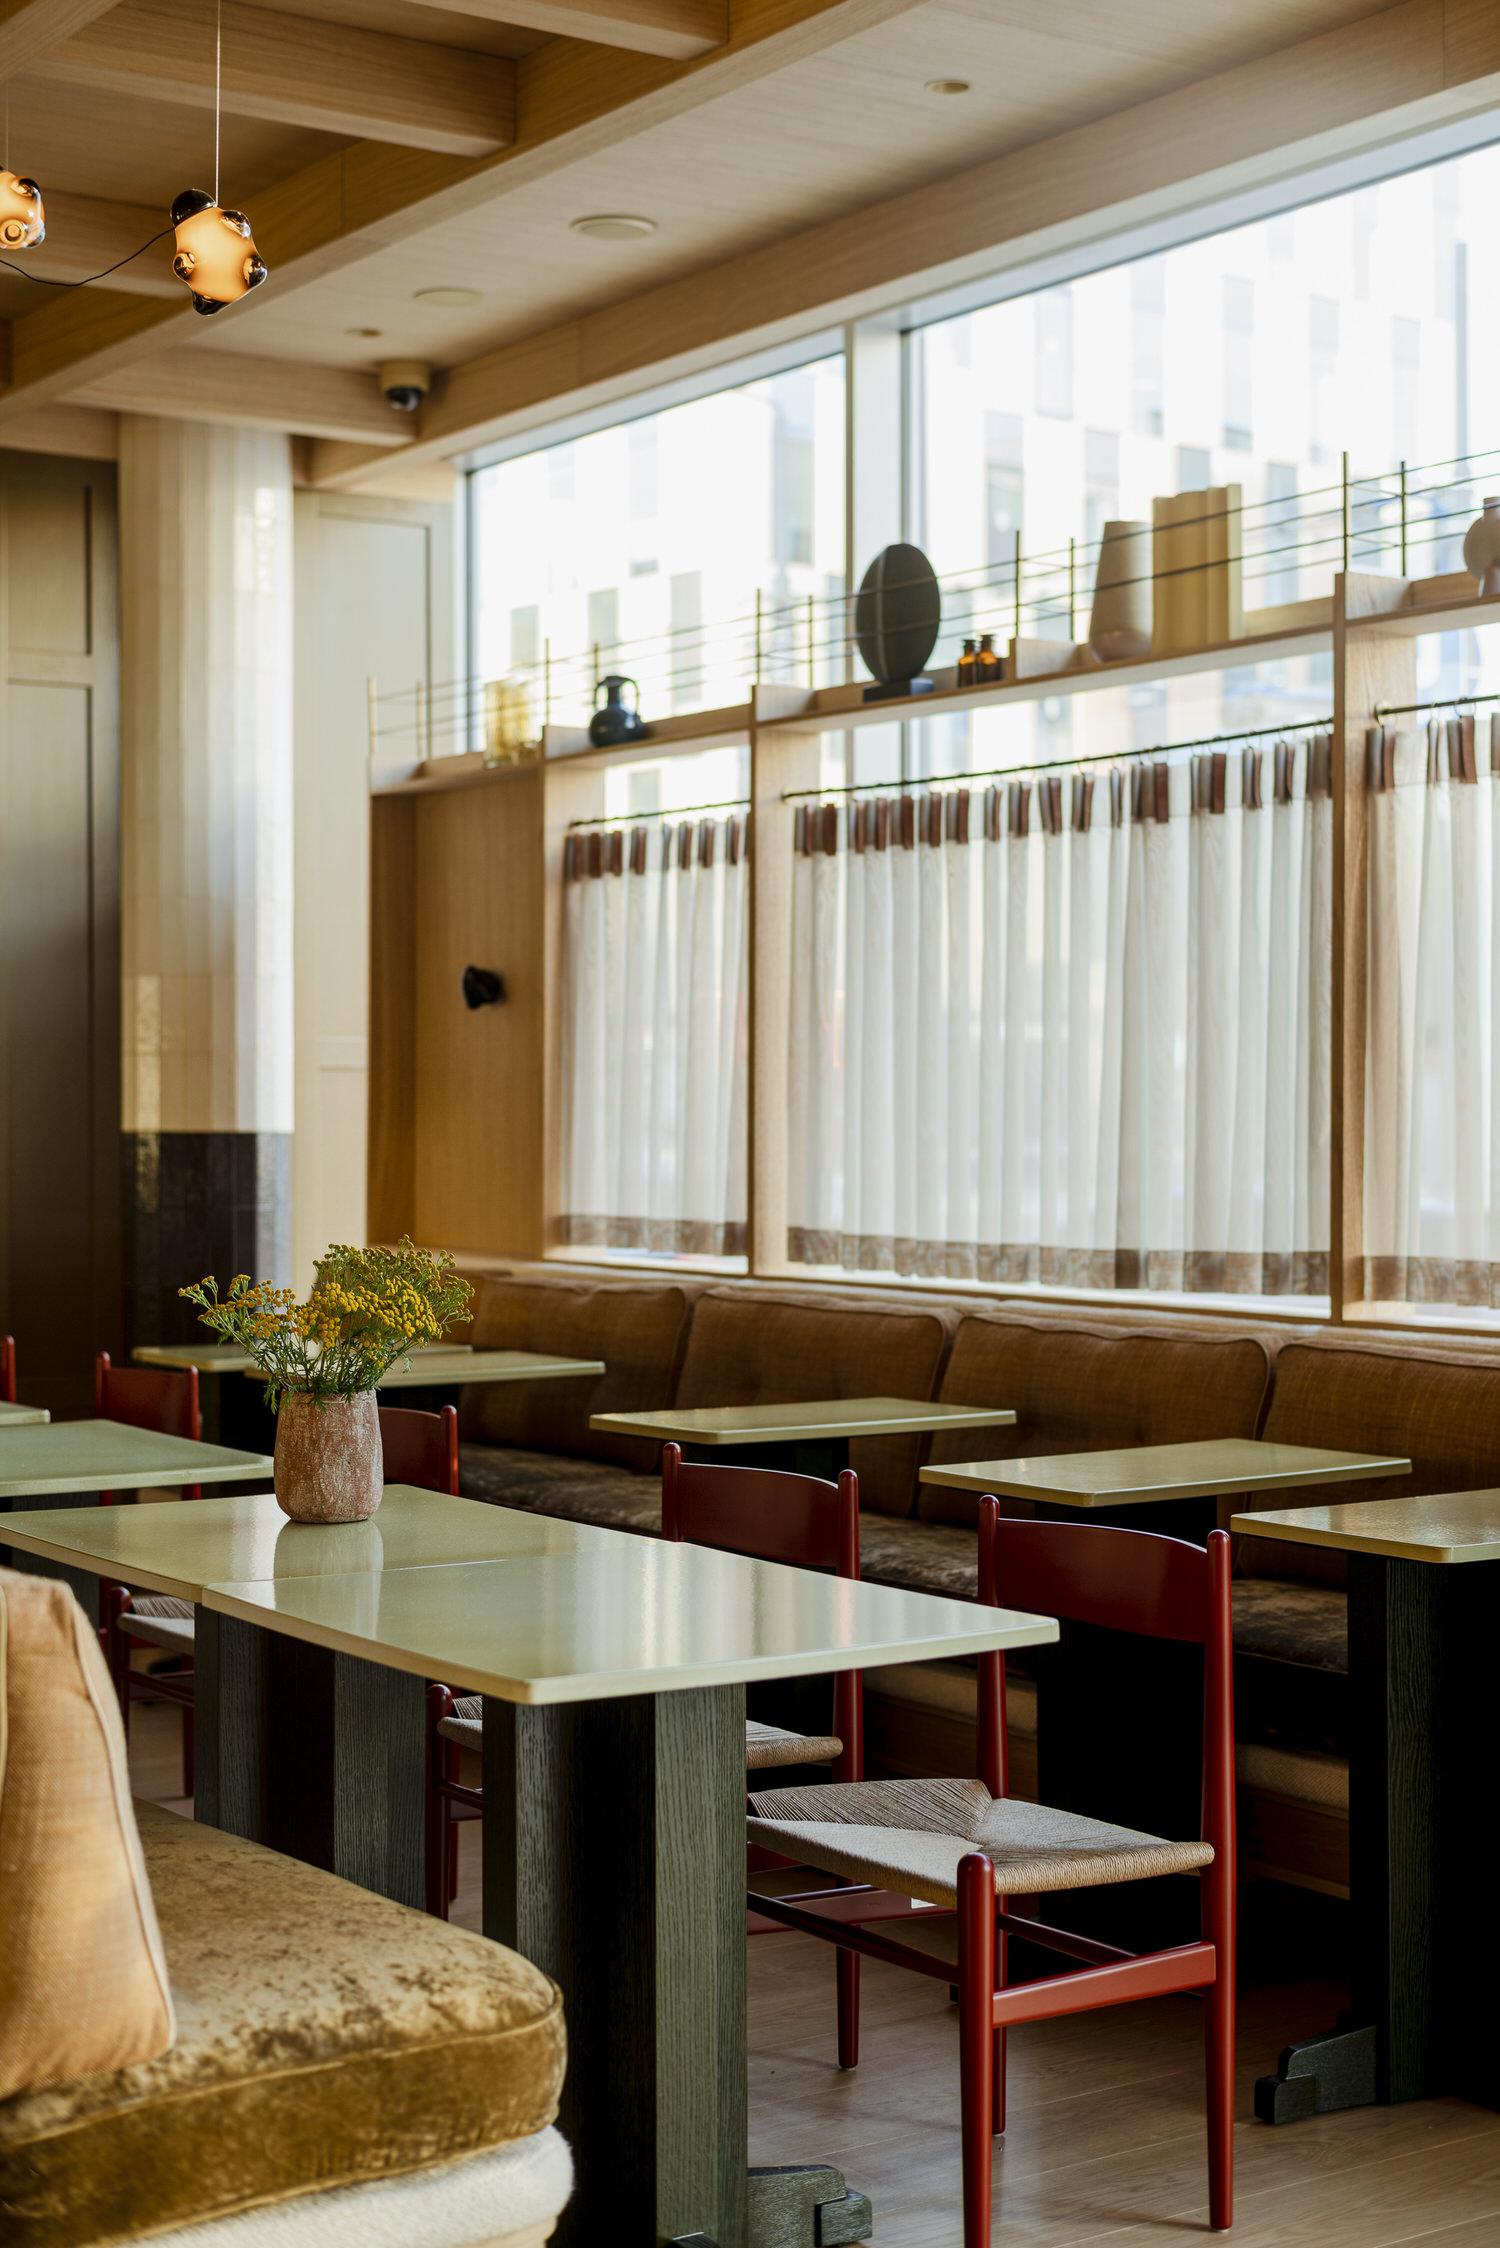 Paradowski Studio Puro Hotel Krakow Photo Pion Studio Yellowtrace 35